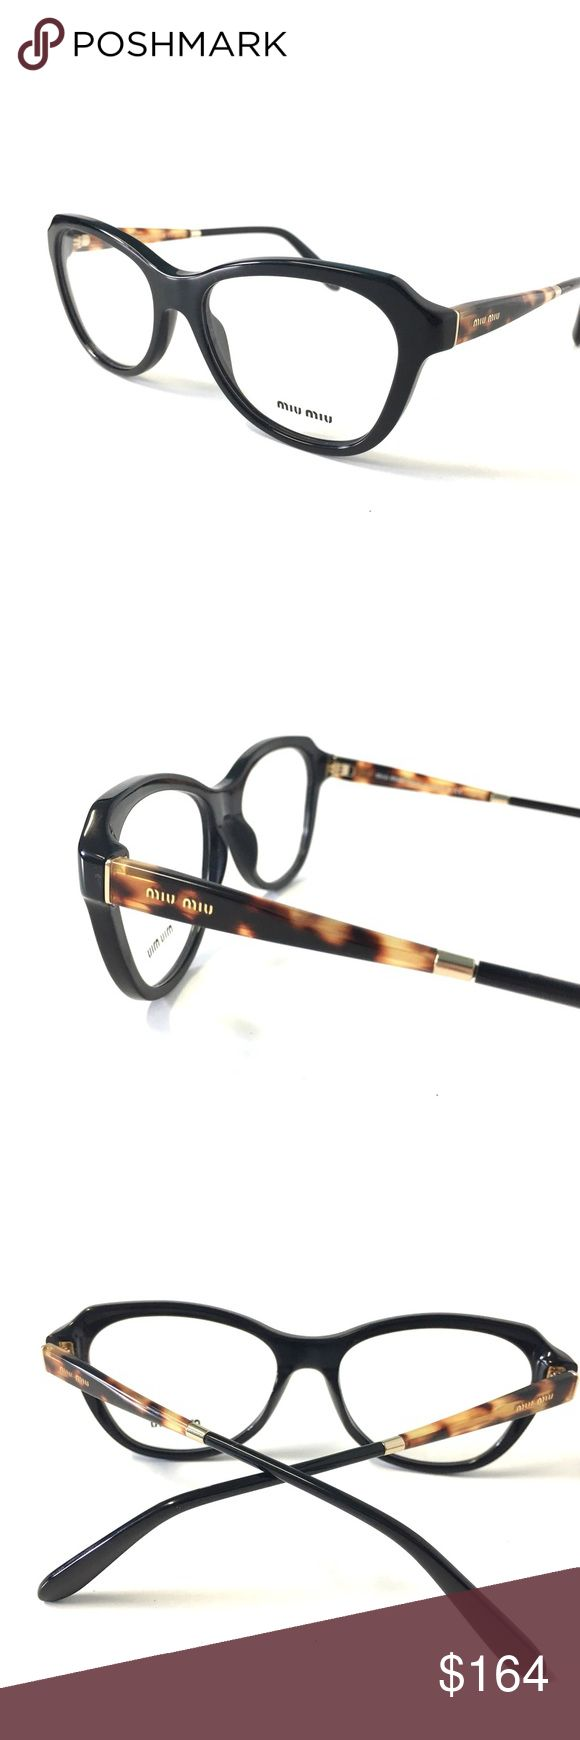 Miu Miu Women's Optical Frame Black Tortoise Miu Miu Women's Optical Frame Black Tortoise   52-16-140  New without Tags!!!!!!                               Authentic Includes Miu Miu Case    We Ship this item Same Day!!!! Miu Miu Accessories Glasses